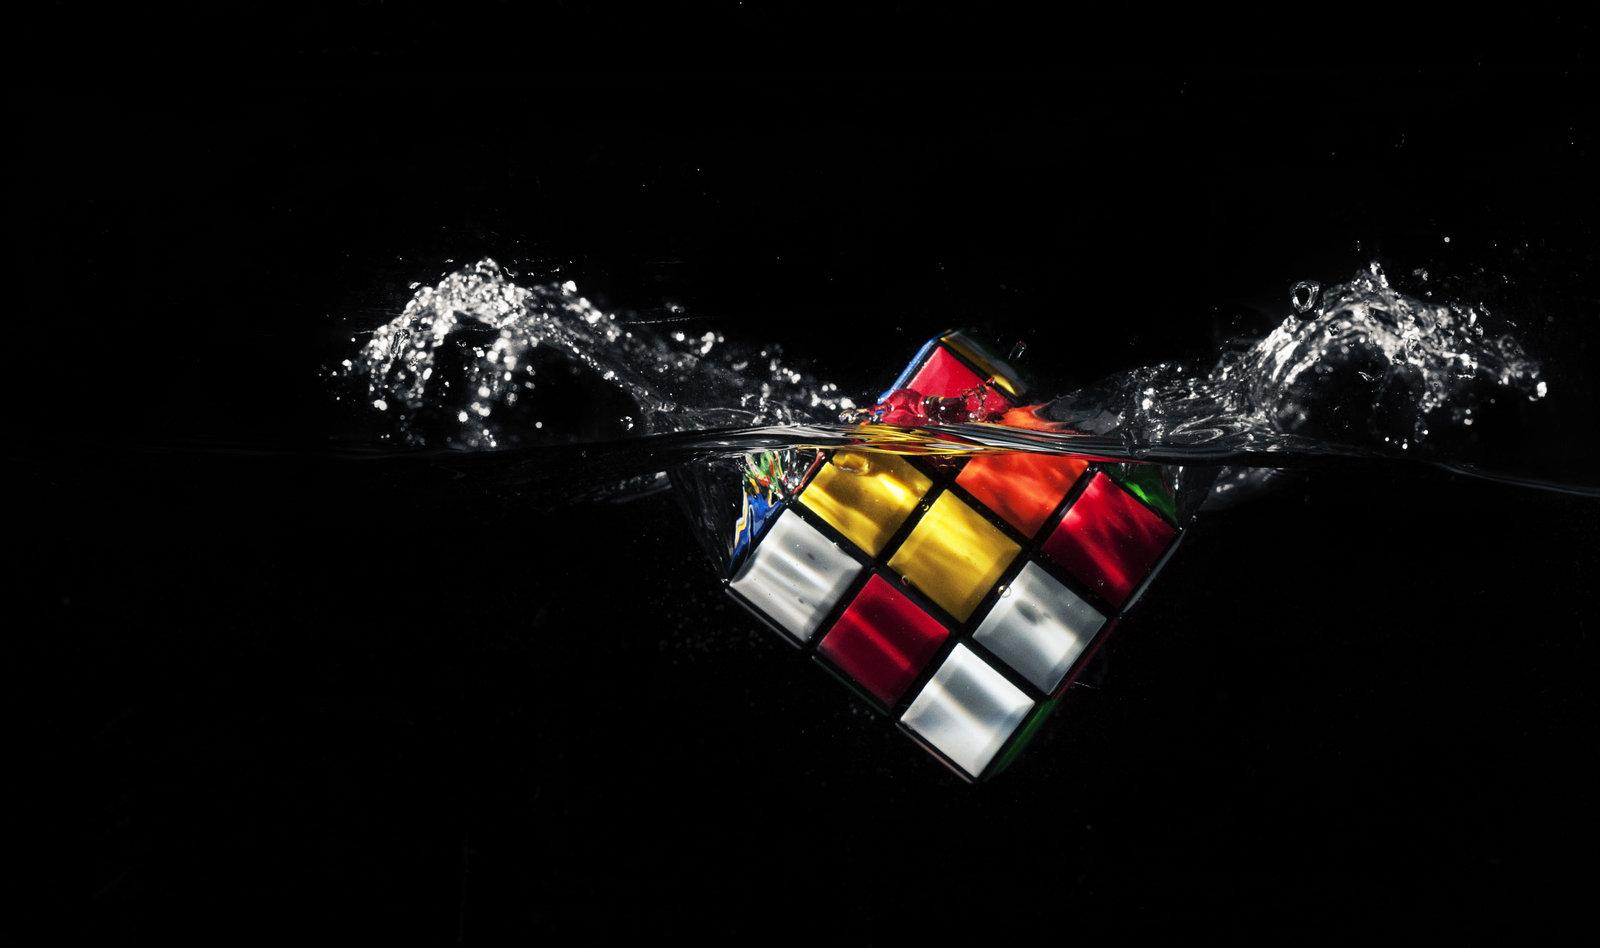 49 Rubik S Cube Wallpaper On Wallpapersafari